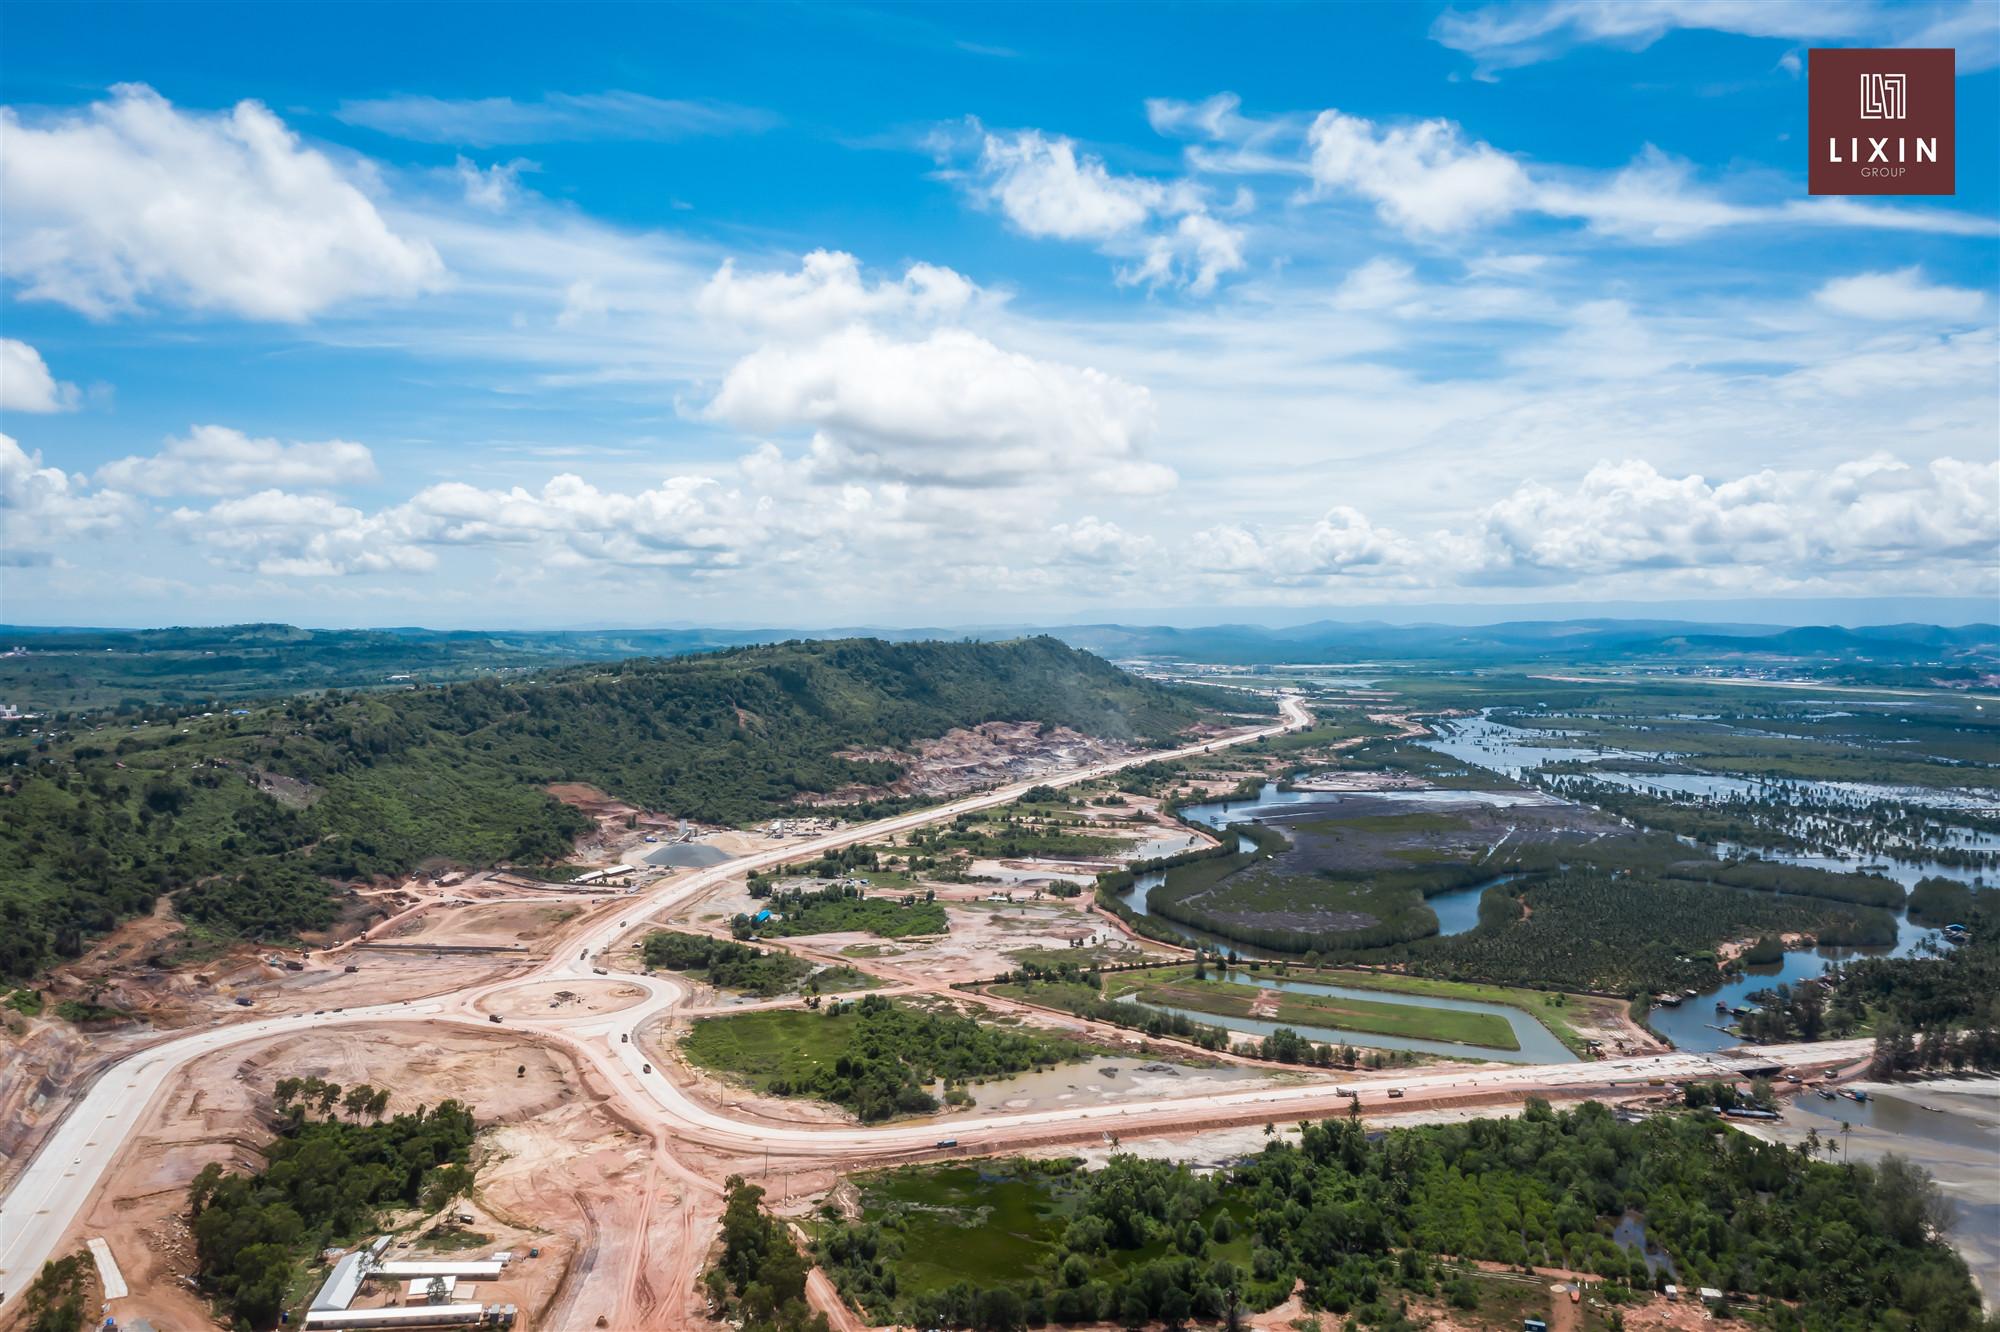 利鑫西港新城:機場新區,西港下一個潛力增長極